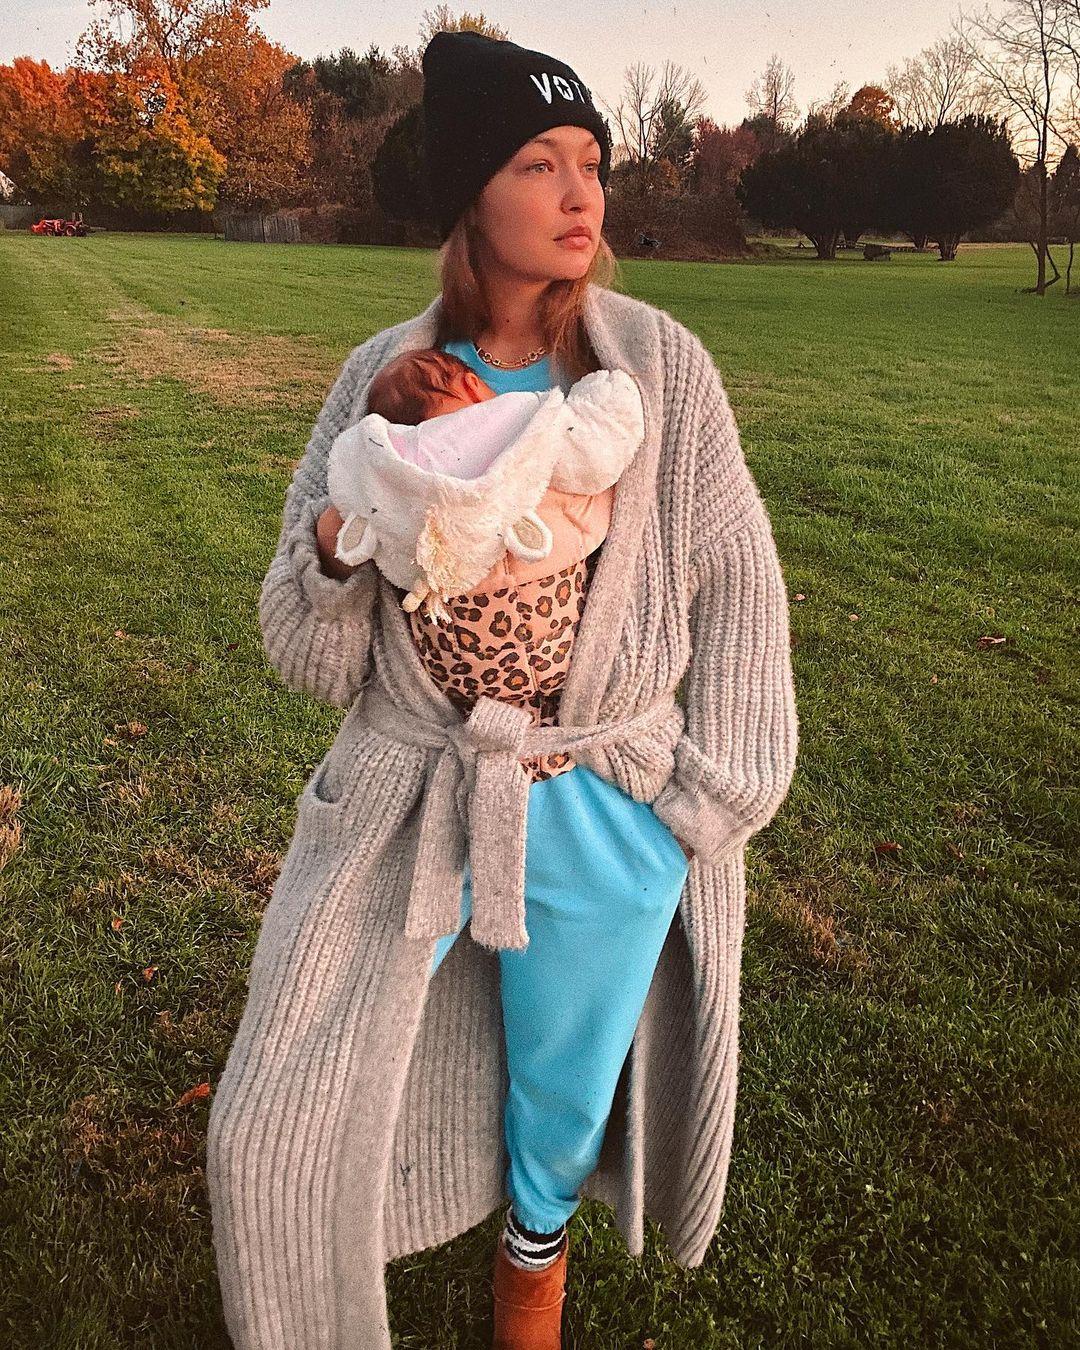 «Хочу дать дорогу следующему поколению»: Джиджи Хадид намерена завершить модельную карьеру